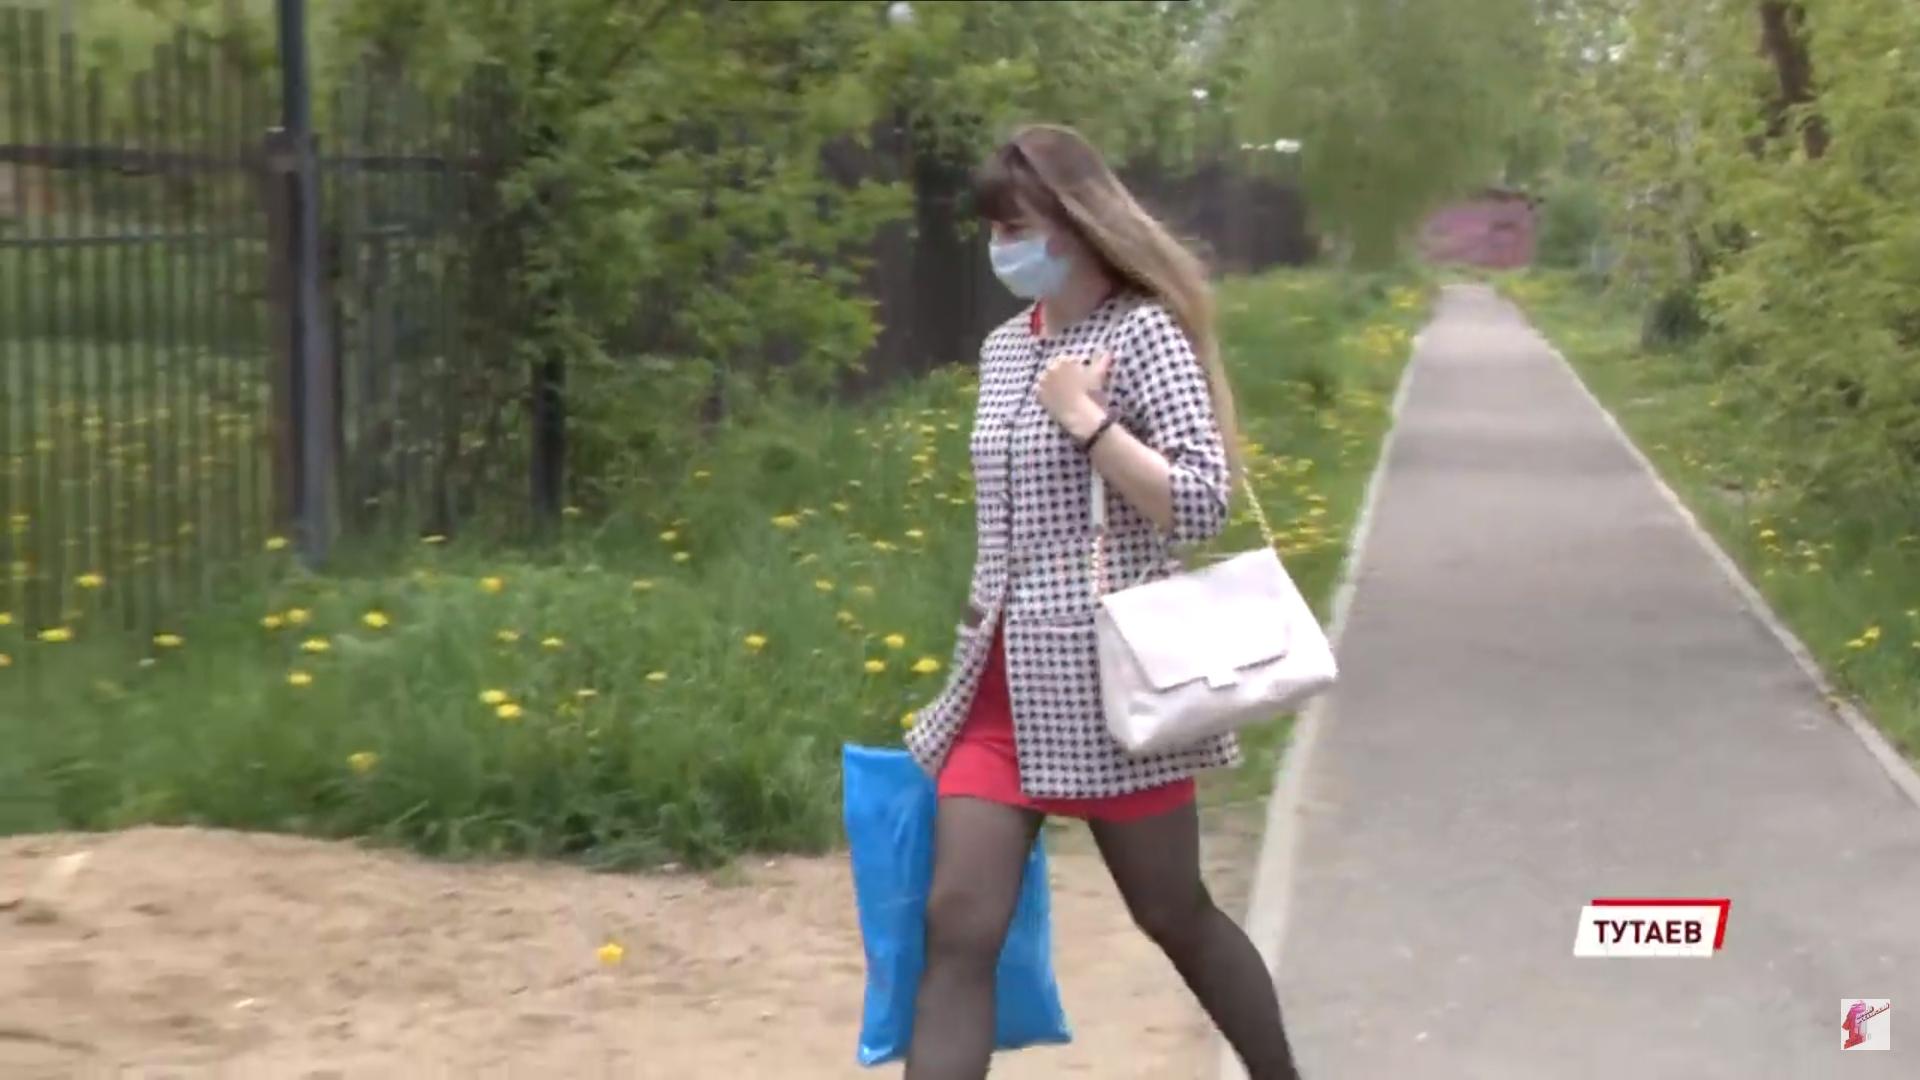 Ординатор медуниверситета рассказала о своей работе во время пандемии коронавируса